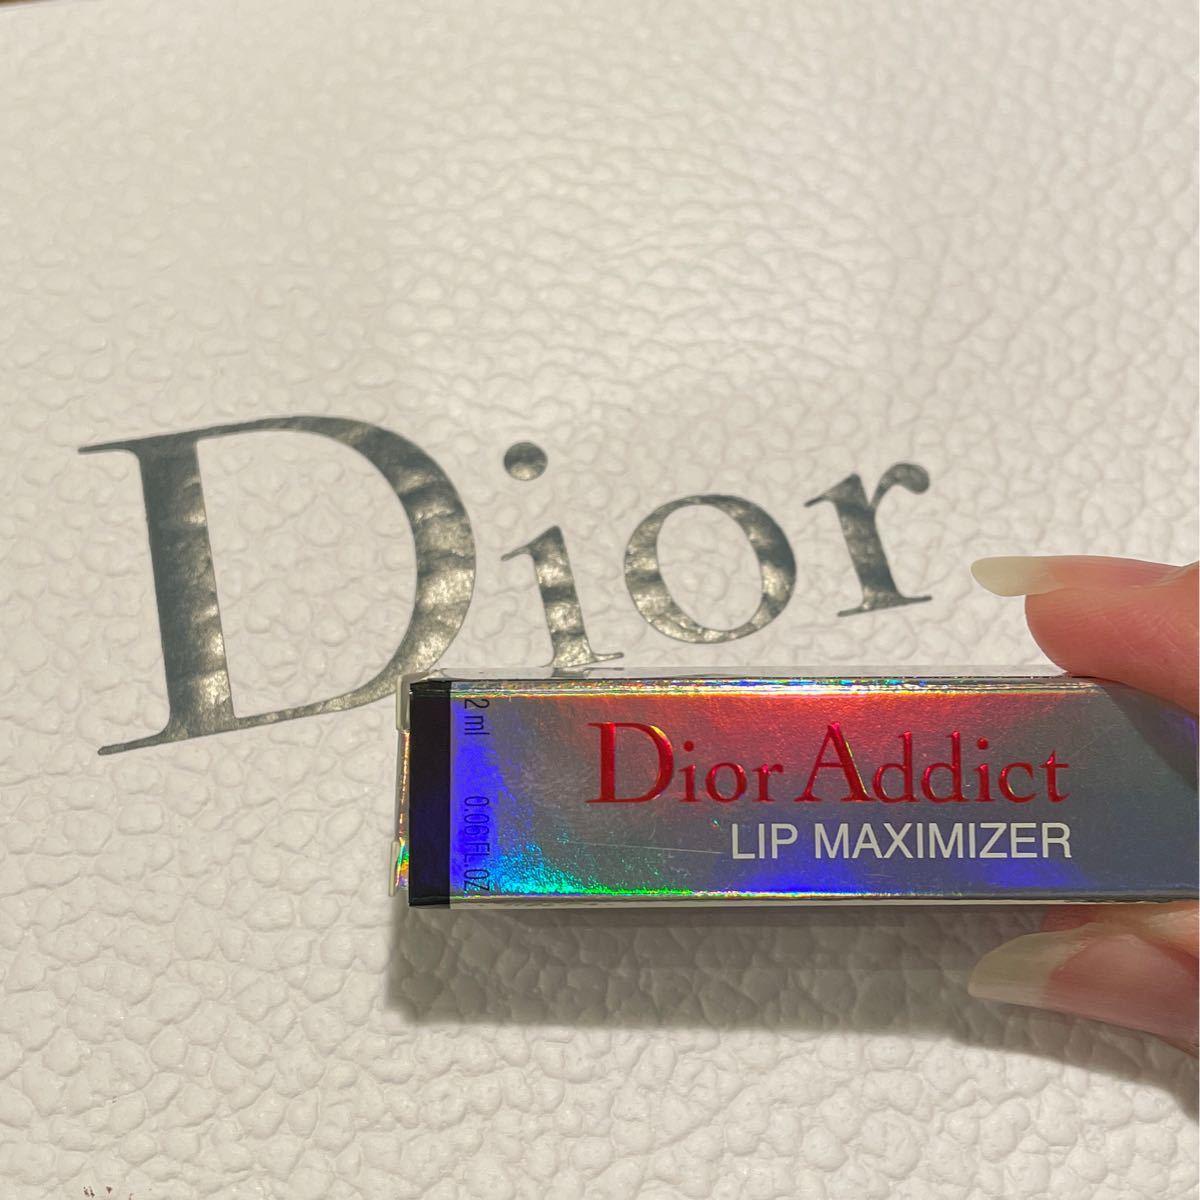 Dior ミニ マキシマイザー リップグロス ディオールアディクトリップ